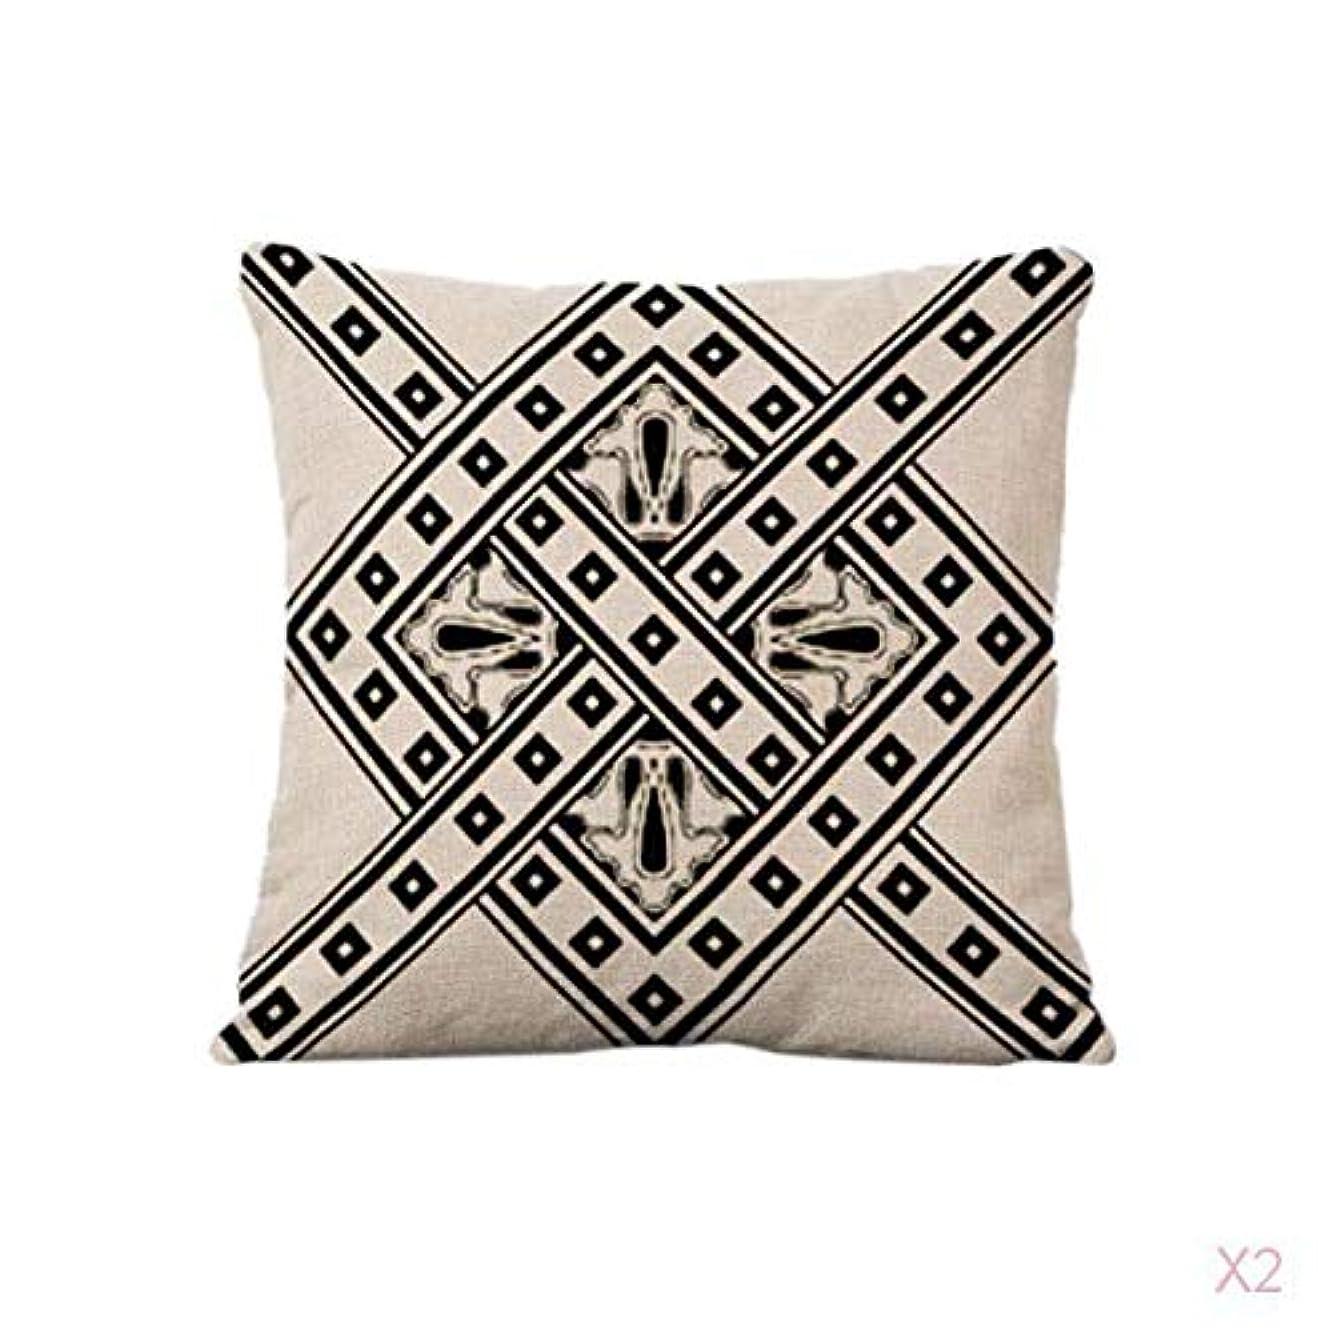 踊り子ミキサーヨーグルトクッションカバー5色シンプルな幾何学模様のリネンソファー腰枕カバー